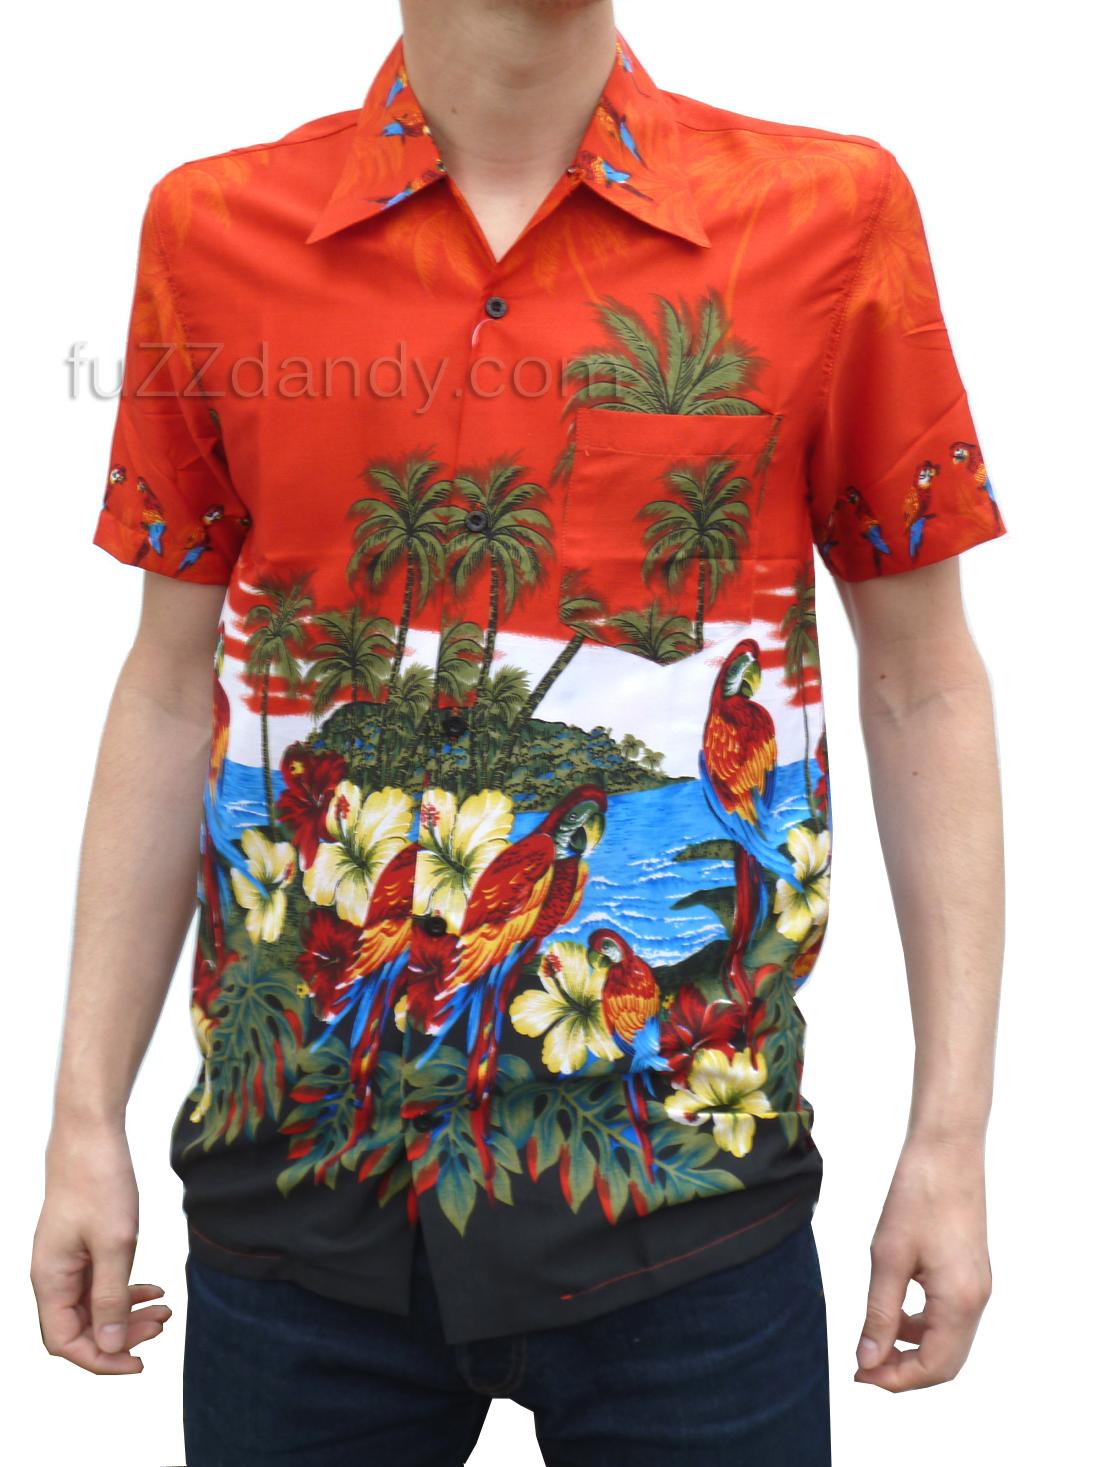 New Hawaiian Silk Flower Lei Hawaii Luau Party Favors Hula: FuZZdandy Clothing: New Hawaiin Shirts In